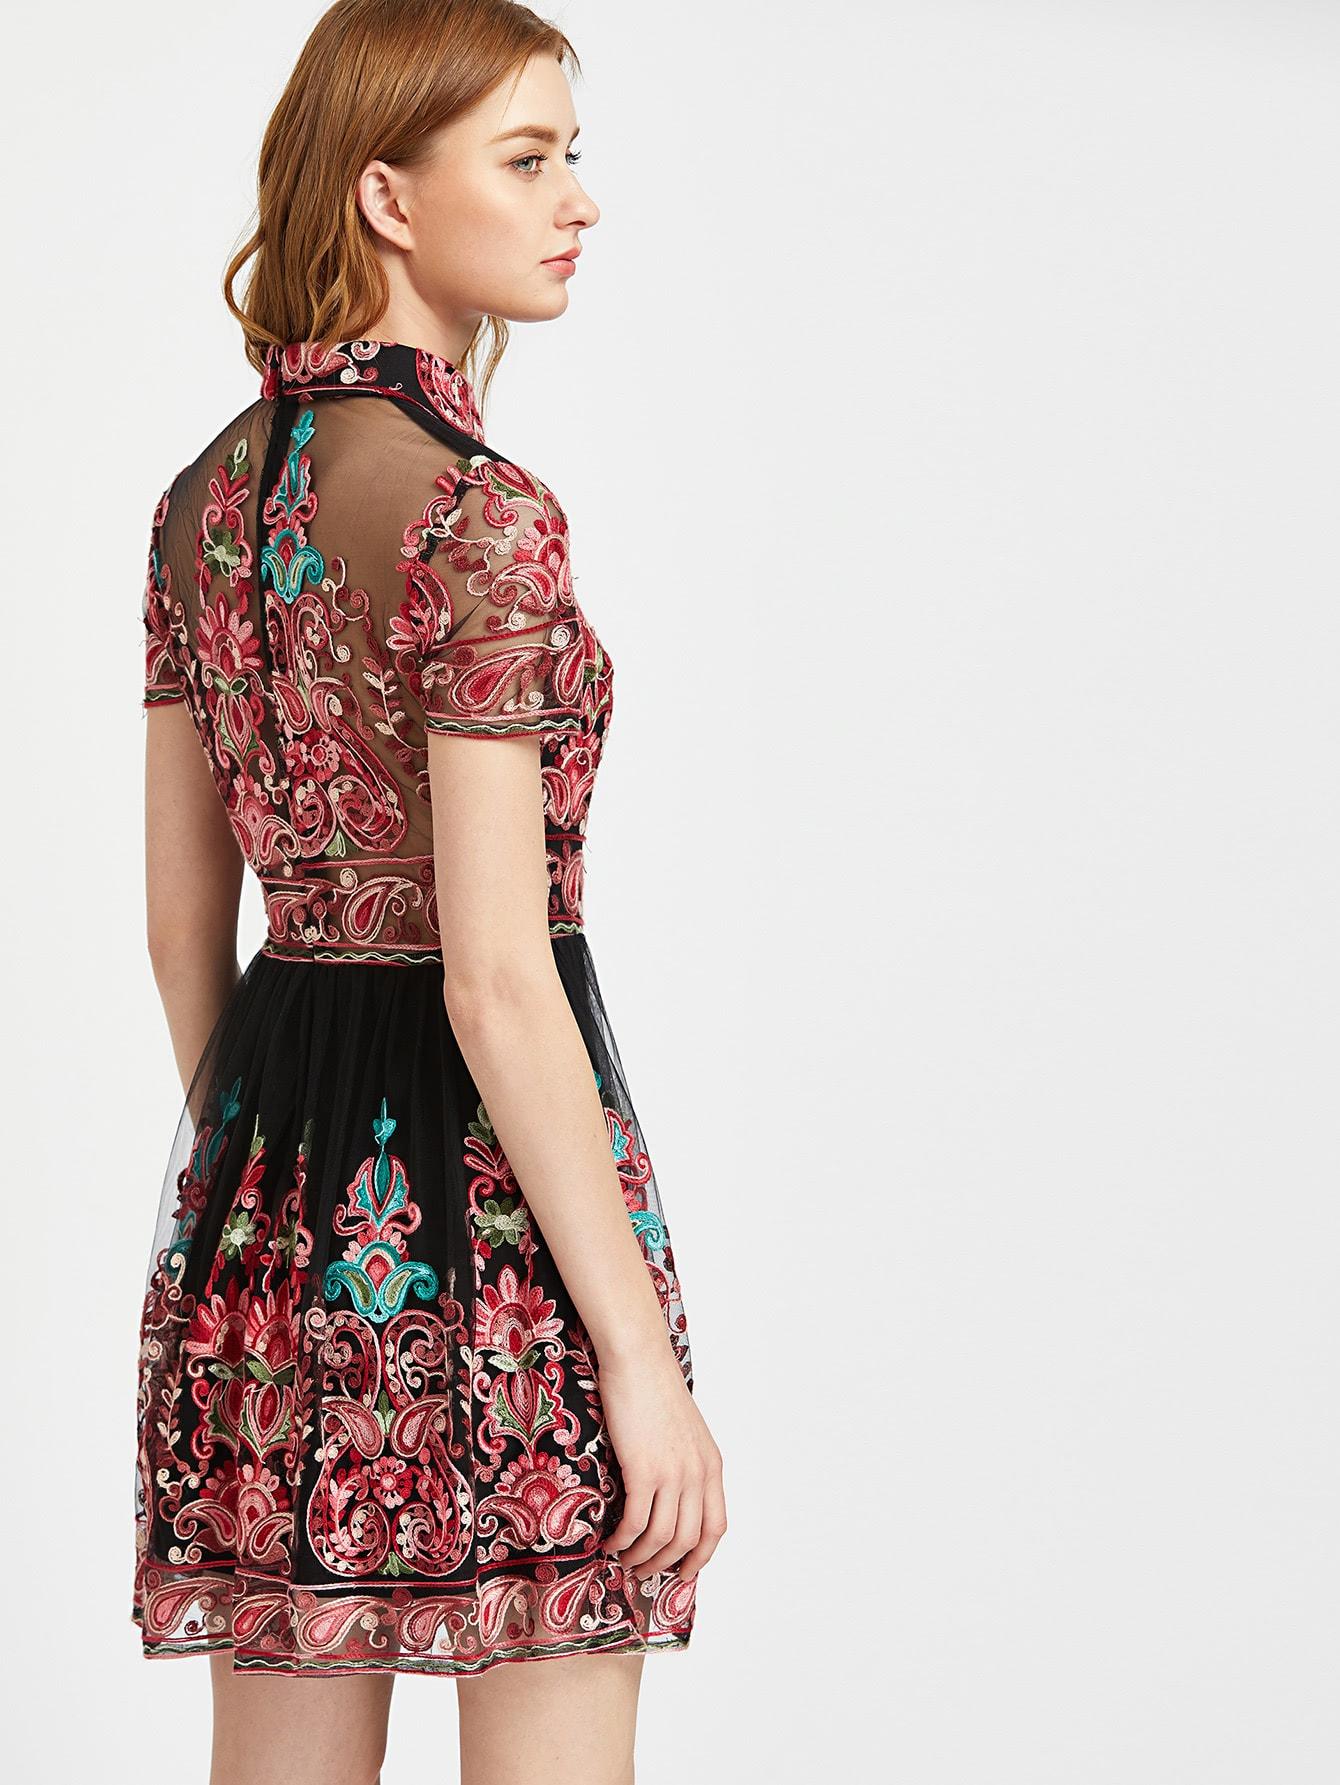 dress170315702_2